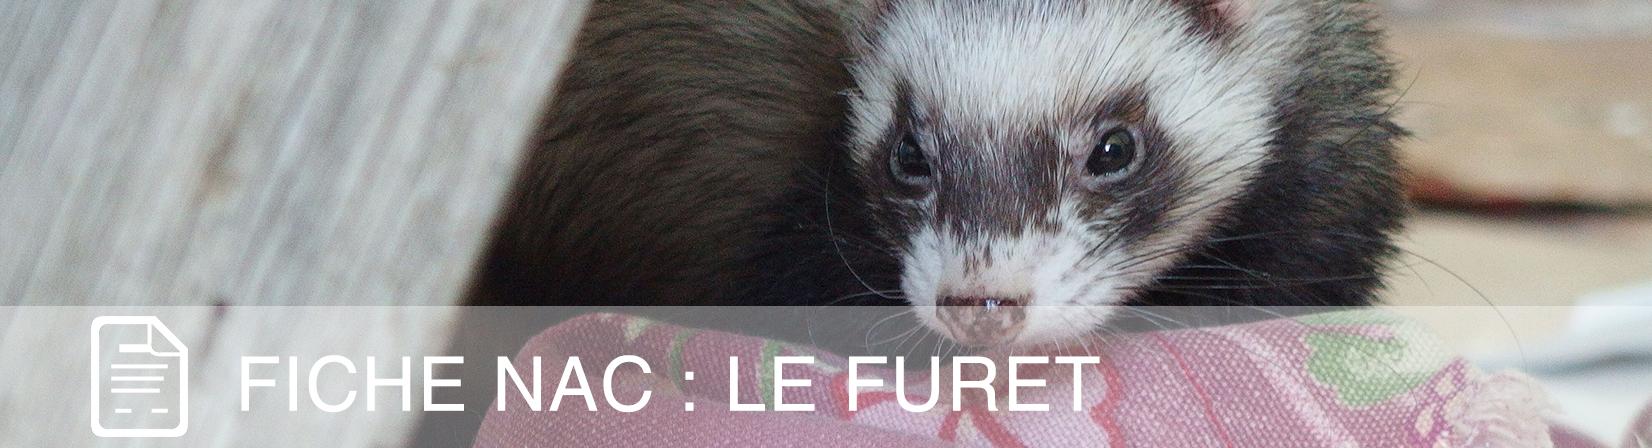 fiche-nac-furet